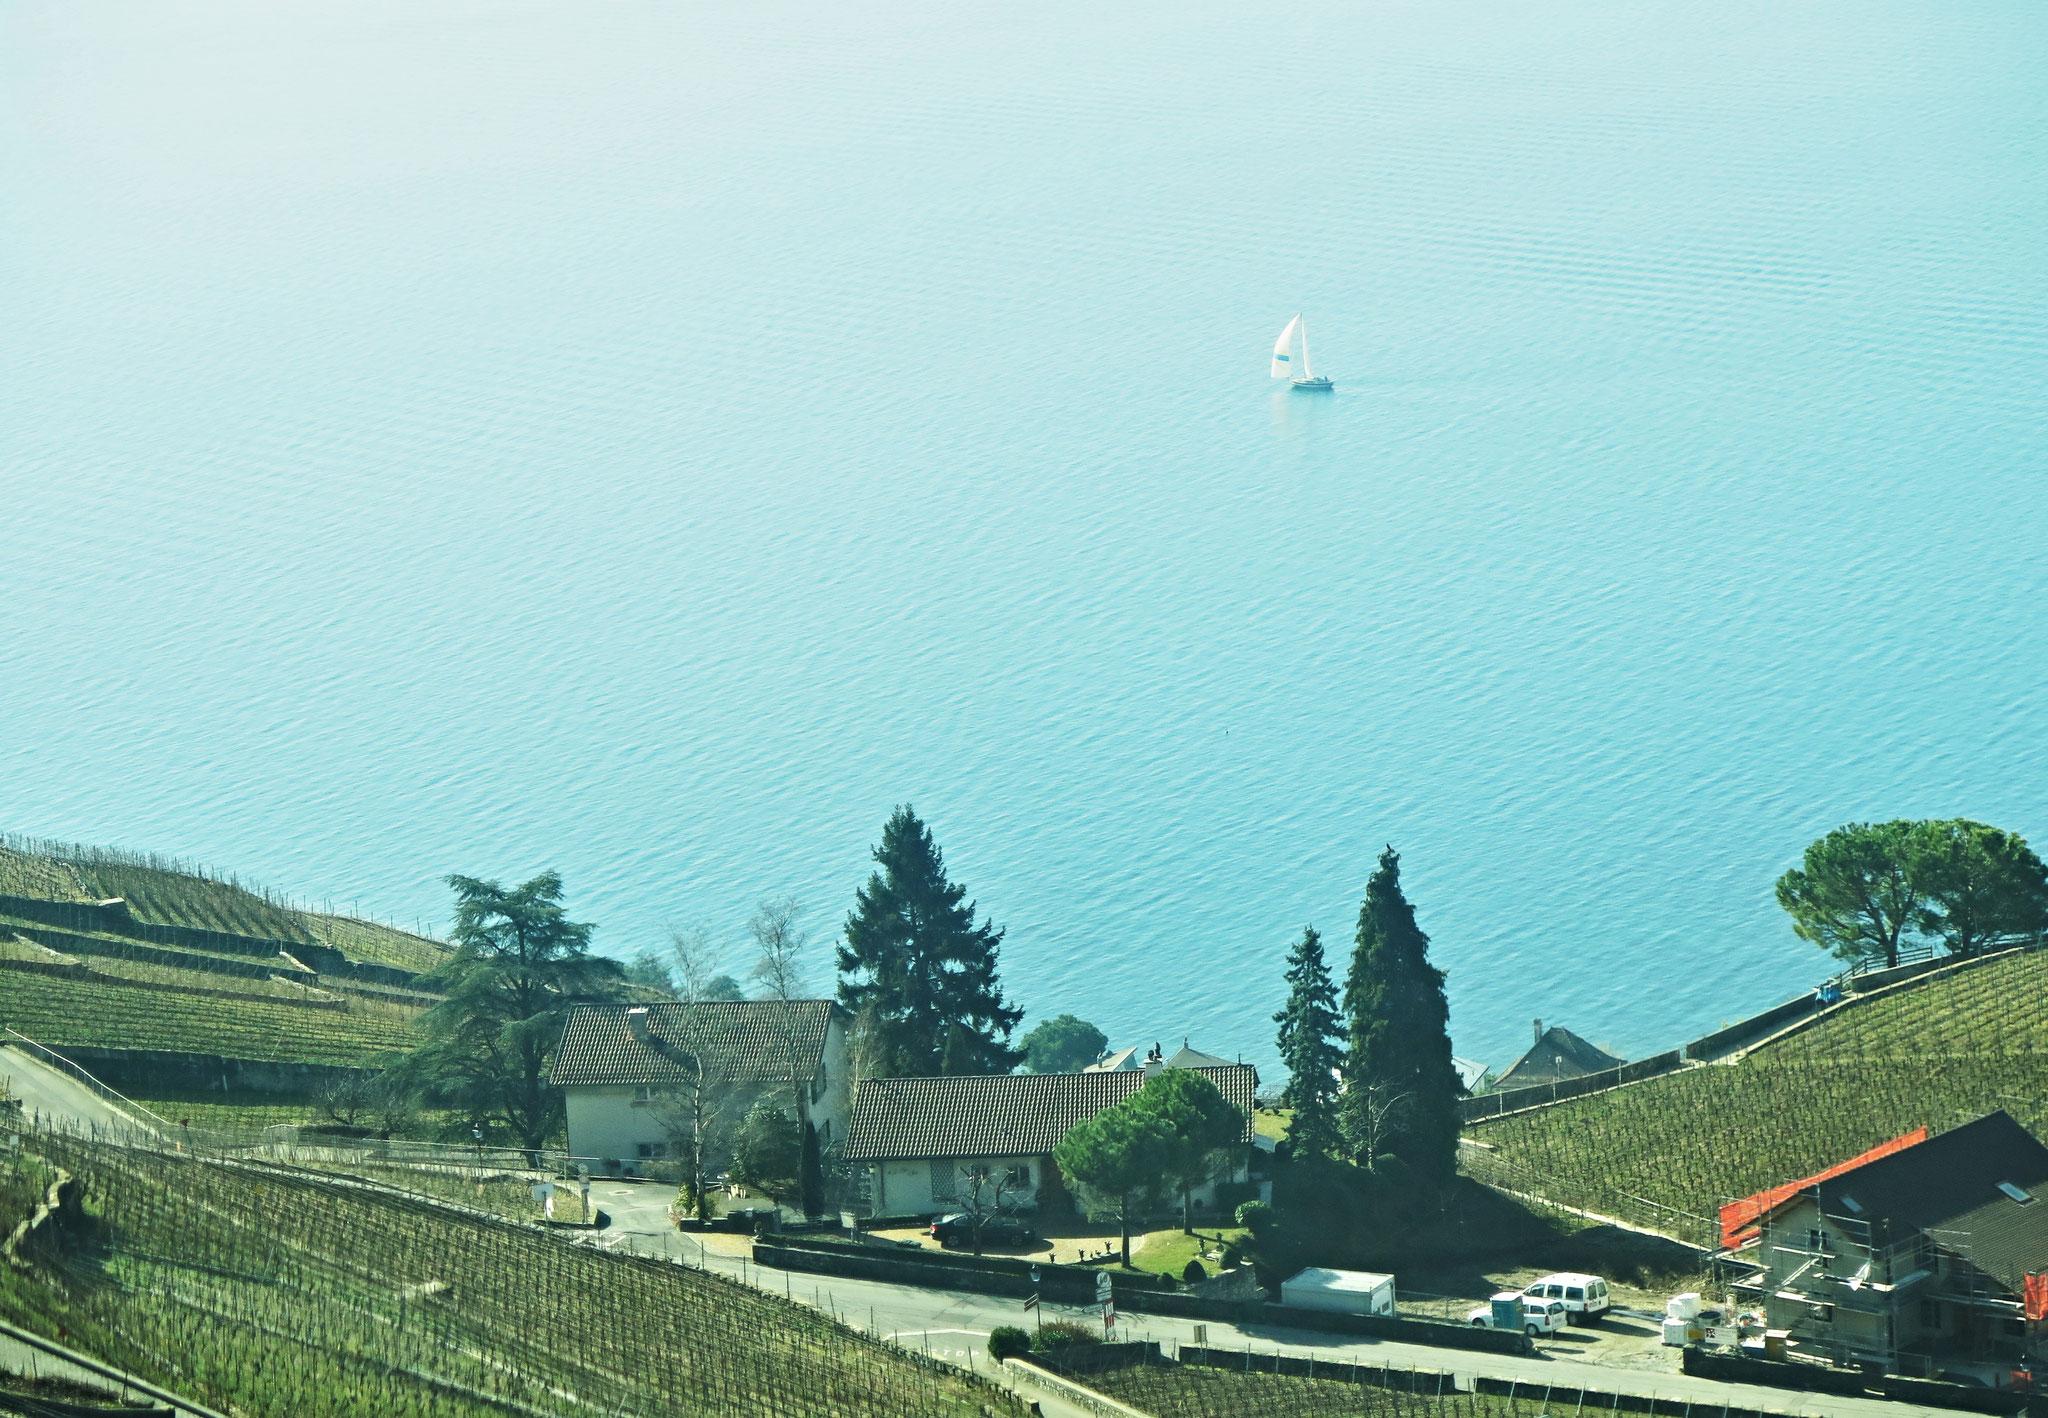 Bild 01 - Fahrt in den Süden - Lavaux am Genfersee